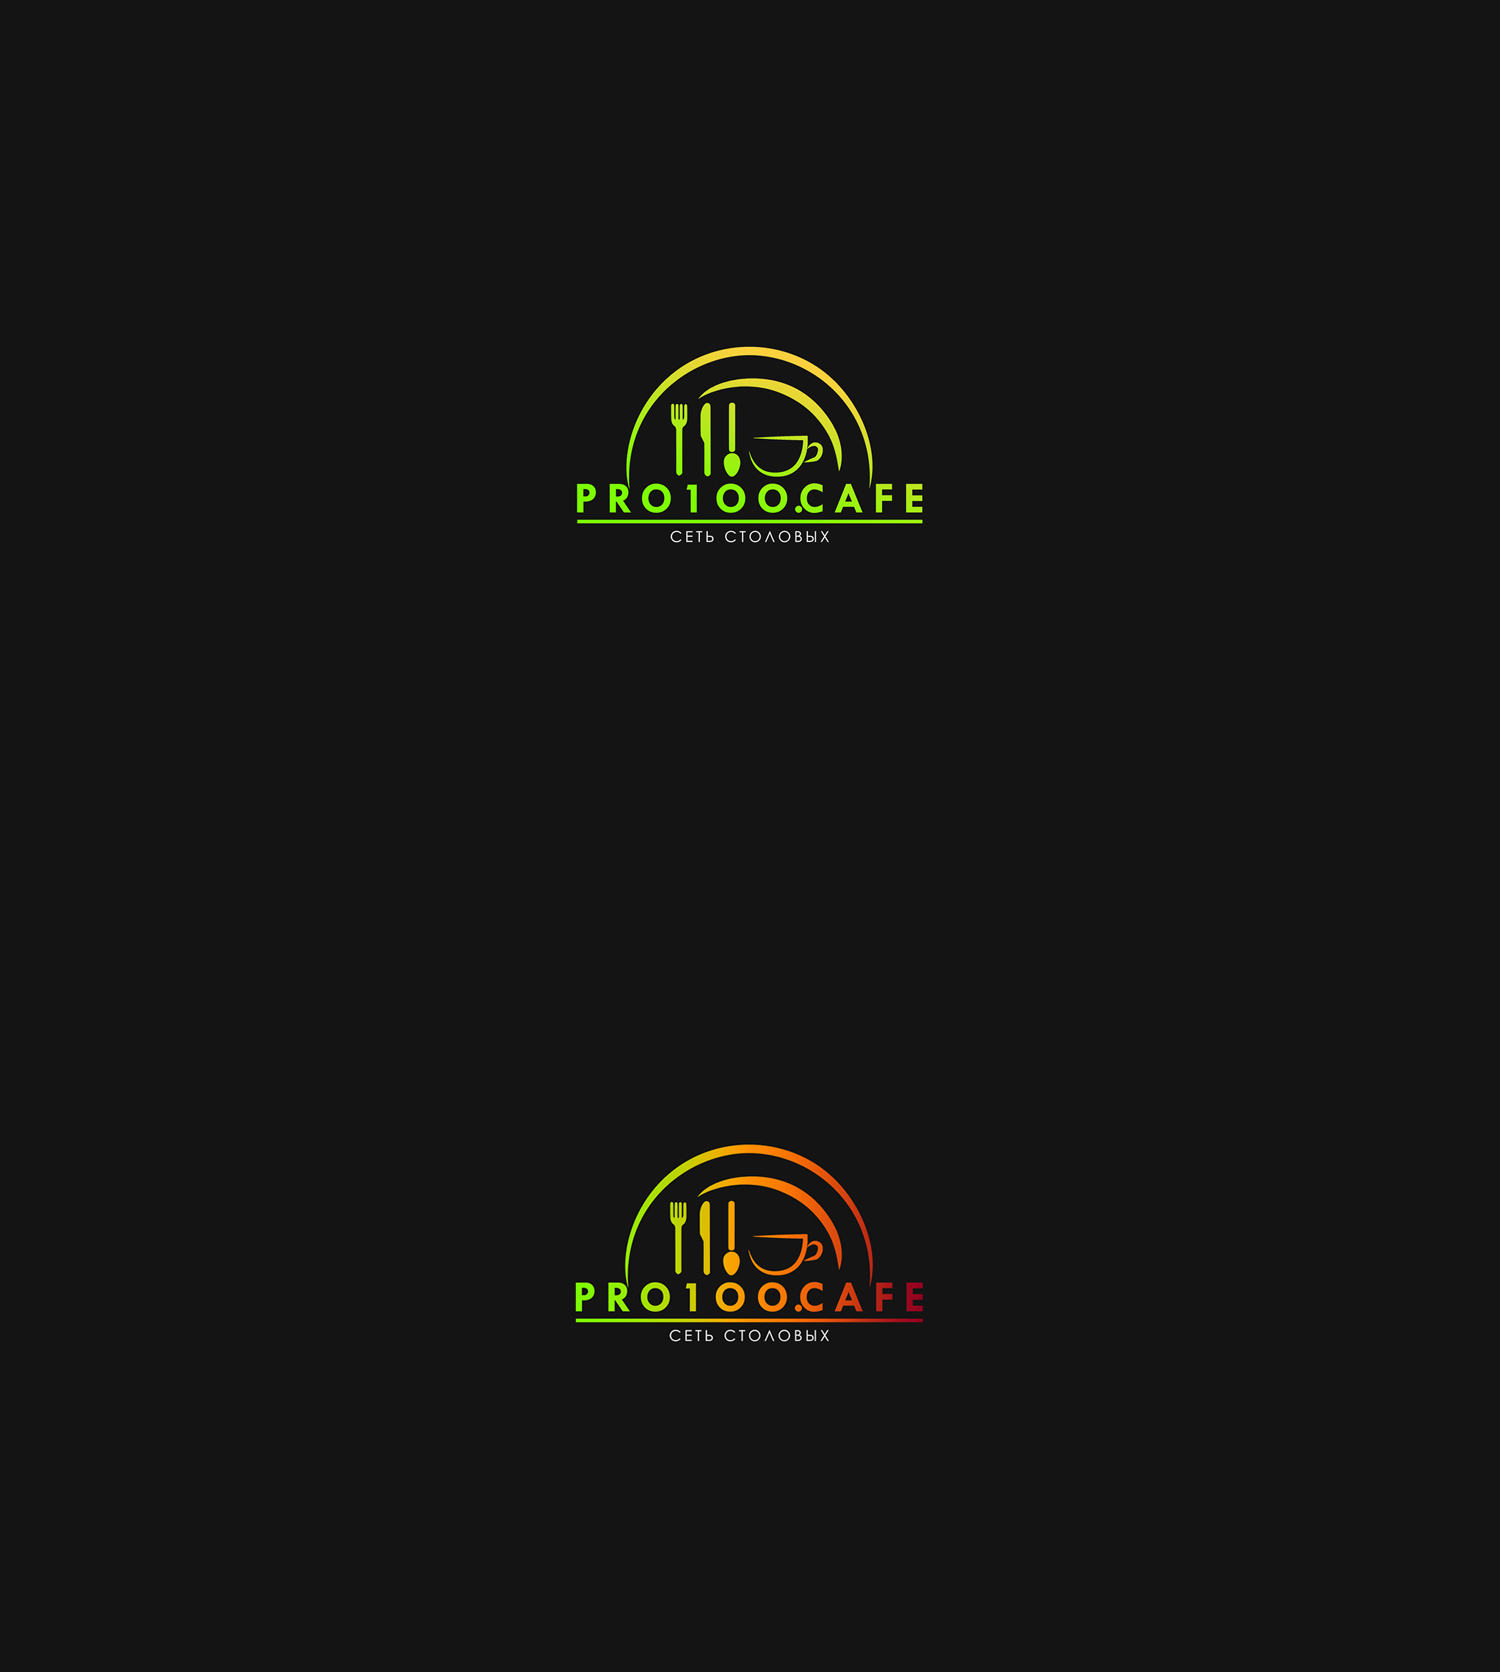 Логотип для сети столовых pro100.cafe (конкурс - 2 место)